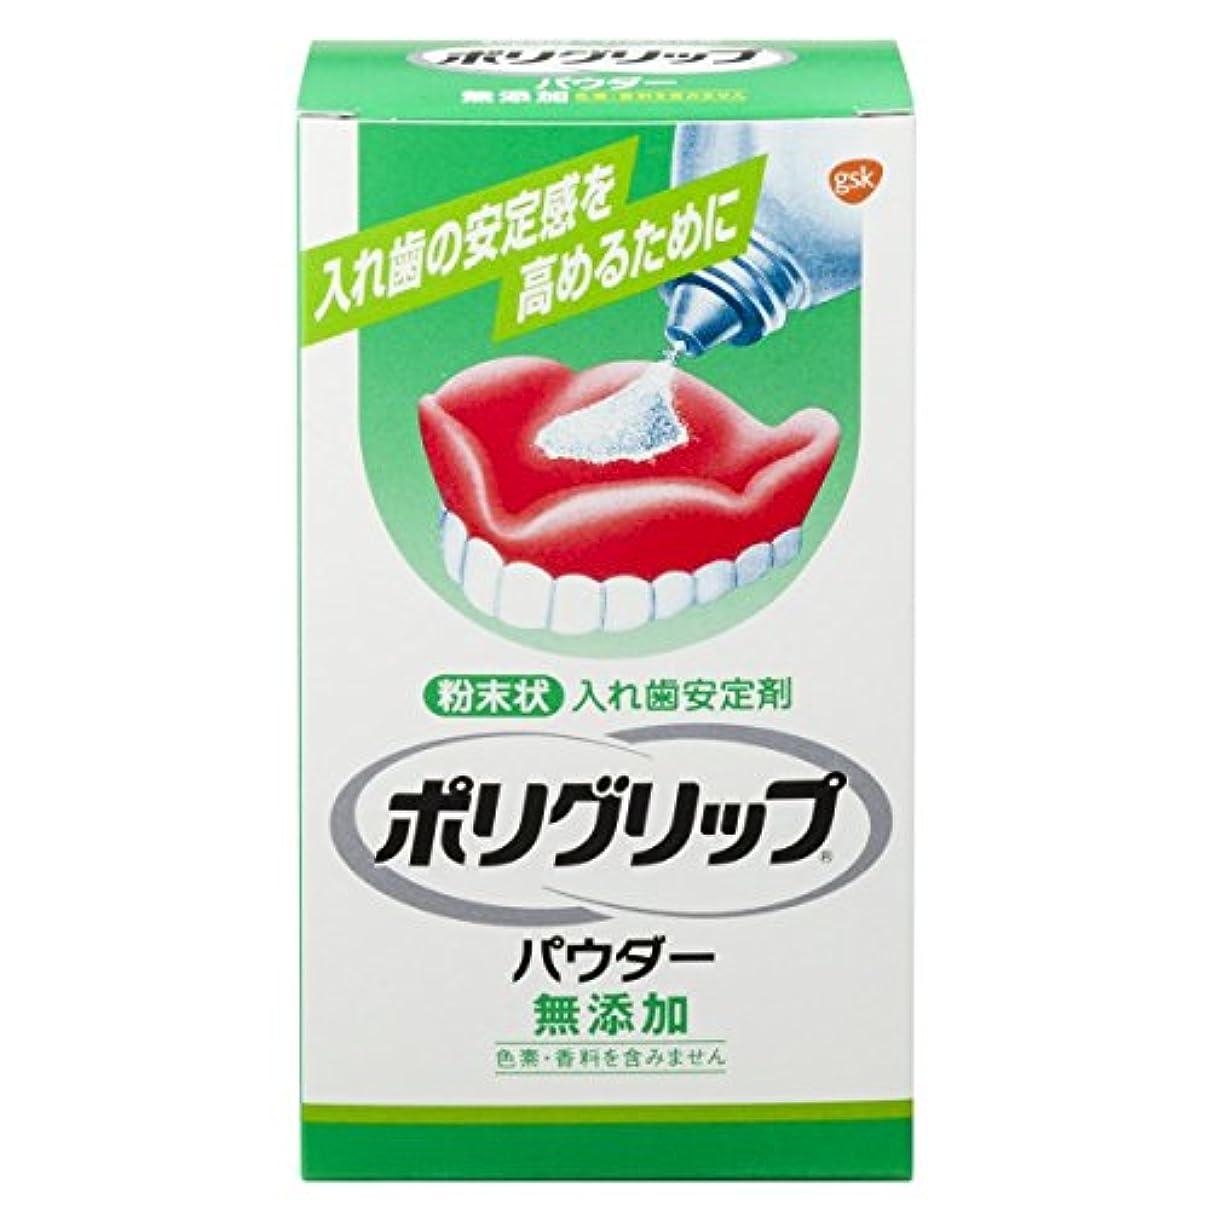 団結する自分の列挙する入れ歯安定剤 ポリグリップ パウダー無添加 50g